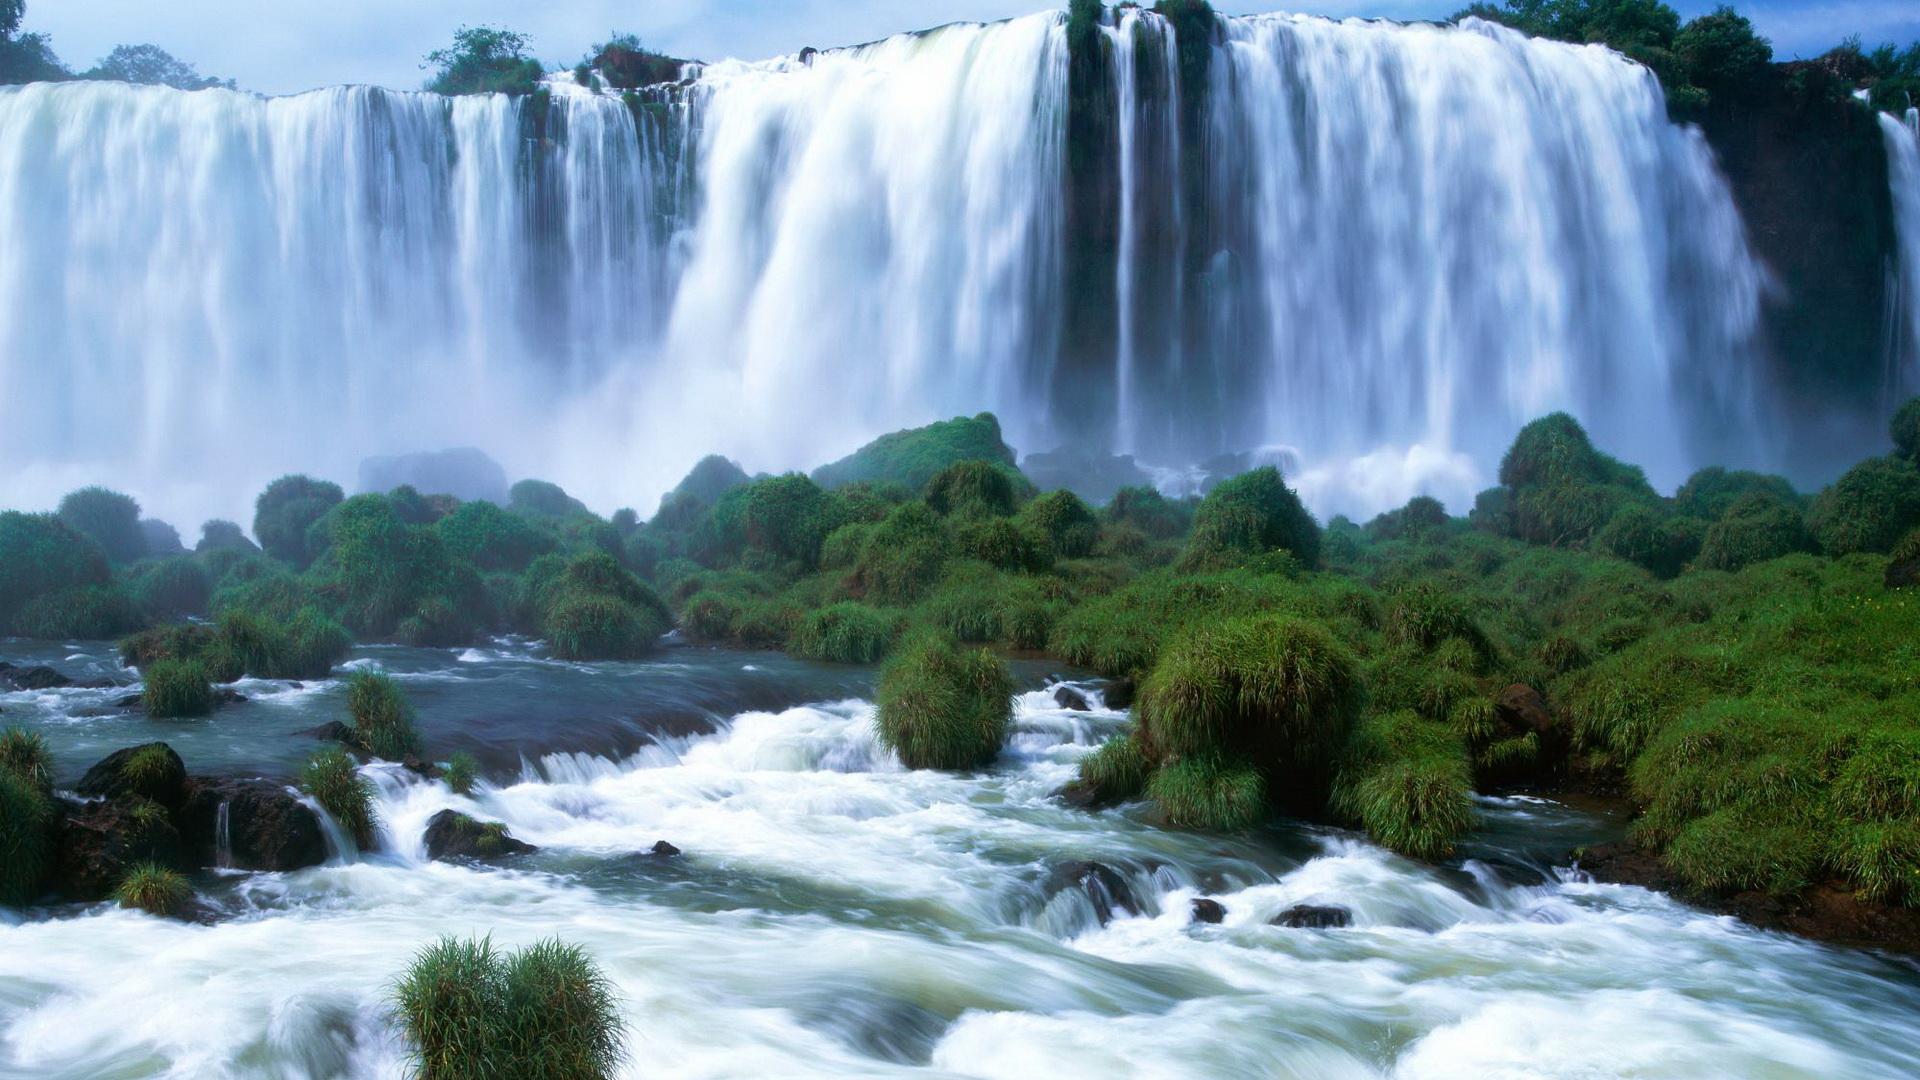 آبشاری بسیار بزرگ